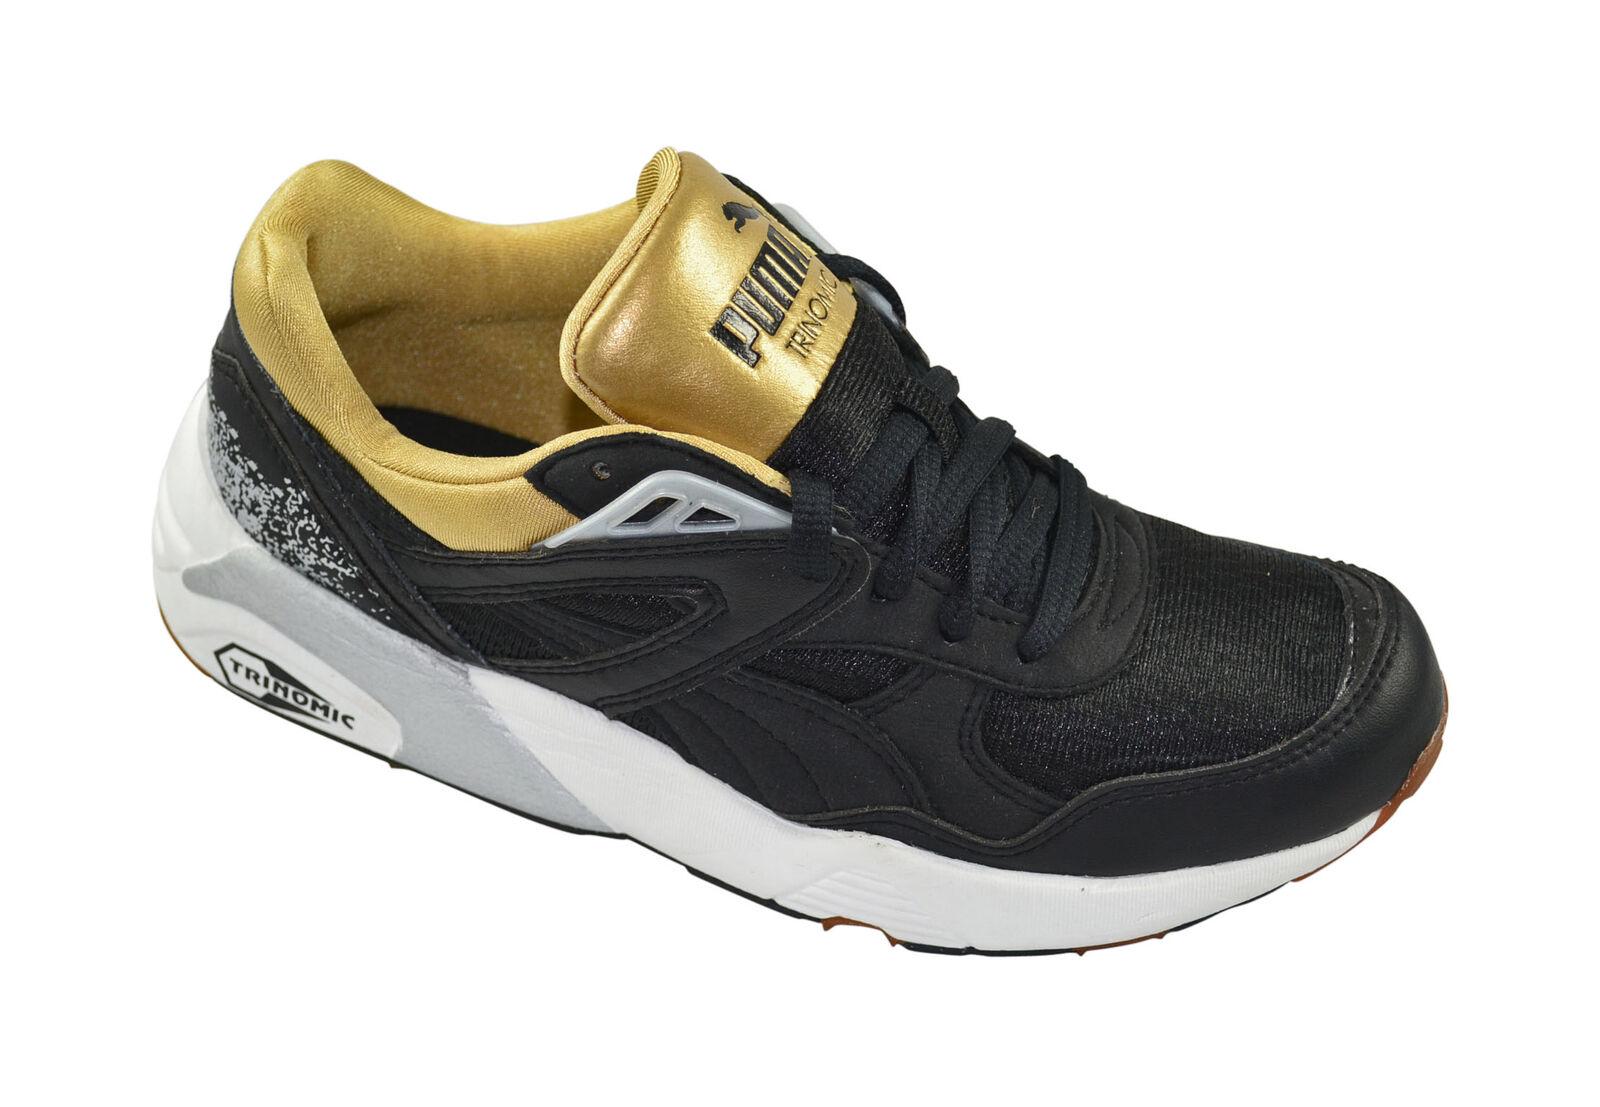 Puma trinomic r698 Sport wn 's negro zapatos de de de deporte cortos 357331 05 091395